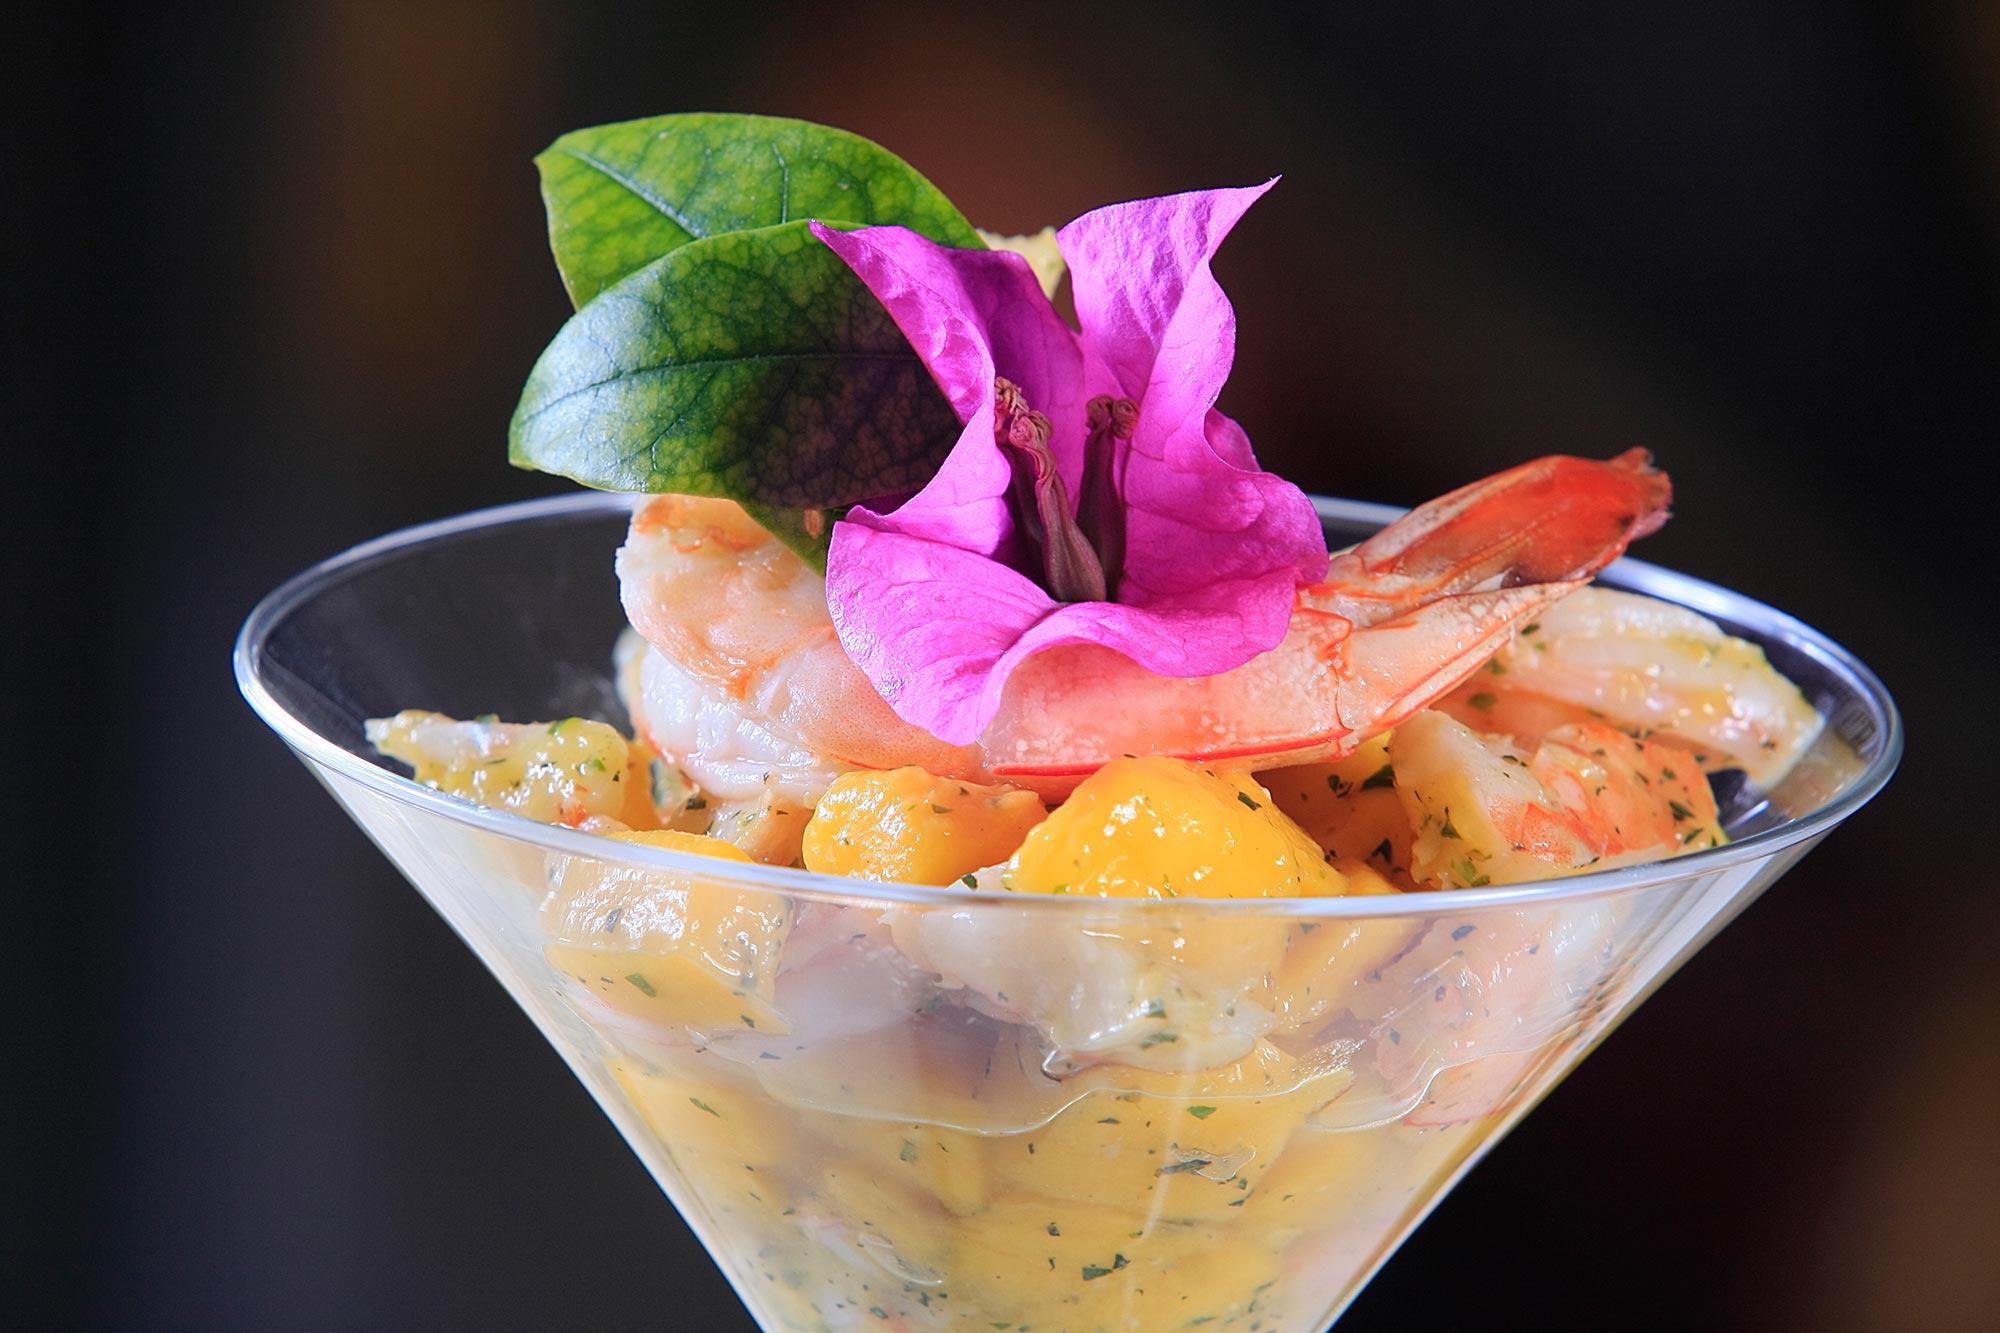 ceviche-de-camaron-fresco-con-mango-genjibre-y-escencia-de-habanero